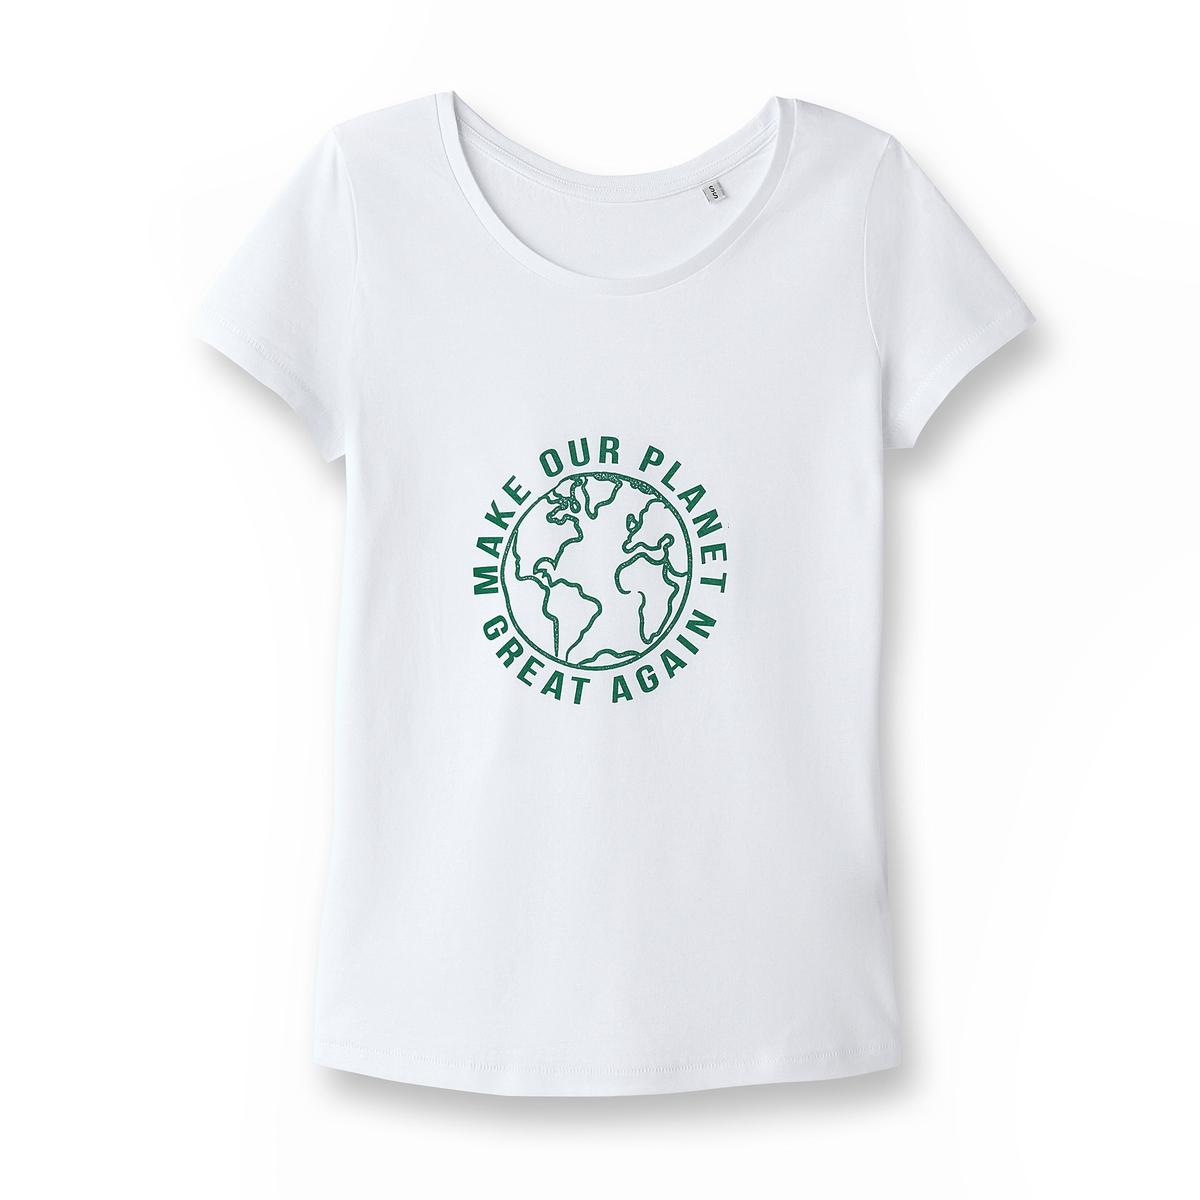 Футболка из био-хлопкаЗа каждую проданную футболку, La Redoute переводит 1€ .Также собранная сумма позволит участвовать в проекте озеленения леса в Колумбии.  Более подробно: http://envol-vert.org/projets/restauration-forestiere-et-noyer-maya/ Состав и описаниеМатериал:100% био-хлопок Марка:  La Redoute Collections в сотрудничестве с  Envol'Vert Уход: Стирать при 30° с изделиями схожих цветов Отбеливание запрещено Гладить при умеренной температуре Сухая (химическая) чистка запрещена Машинная сушка запрещена  Преимущества :Био-продукт. Выращенный без использования пестицидов и химических удобрений био-хлопок изготовлен с заботой о почве, воде и людях, возделывающих его. Мы заботимся о сохранении окружающей среды и здоровья людей.<br><br>Цвет: белый,серый меланж